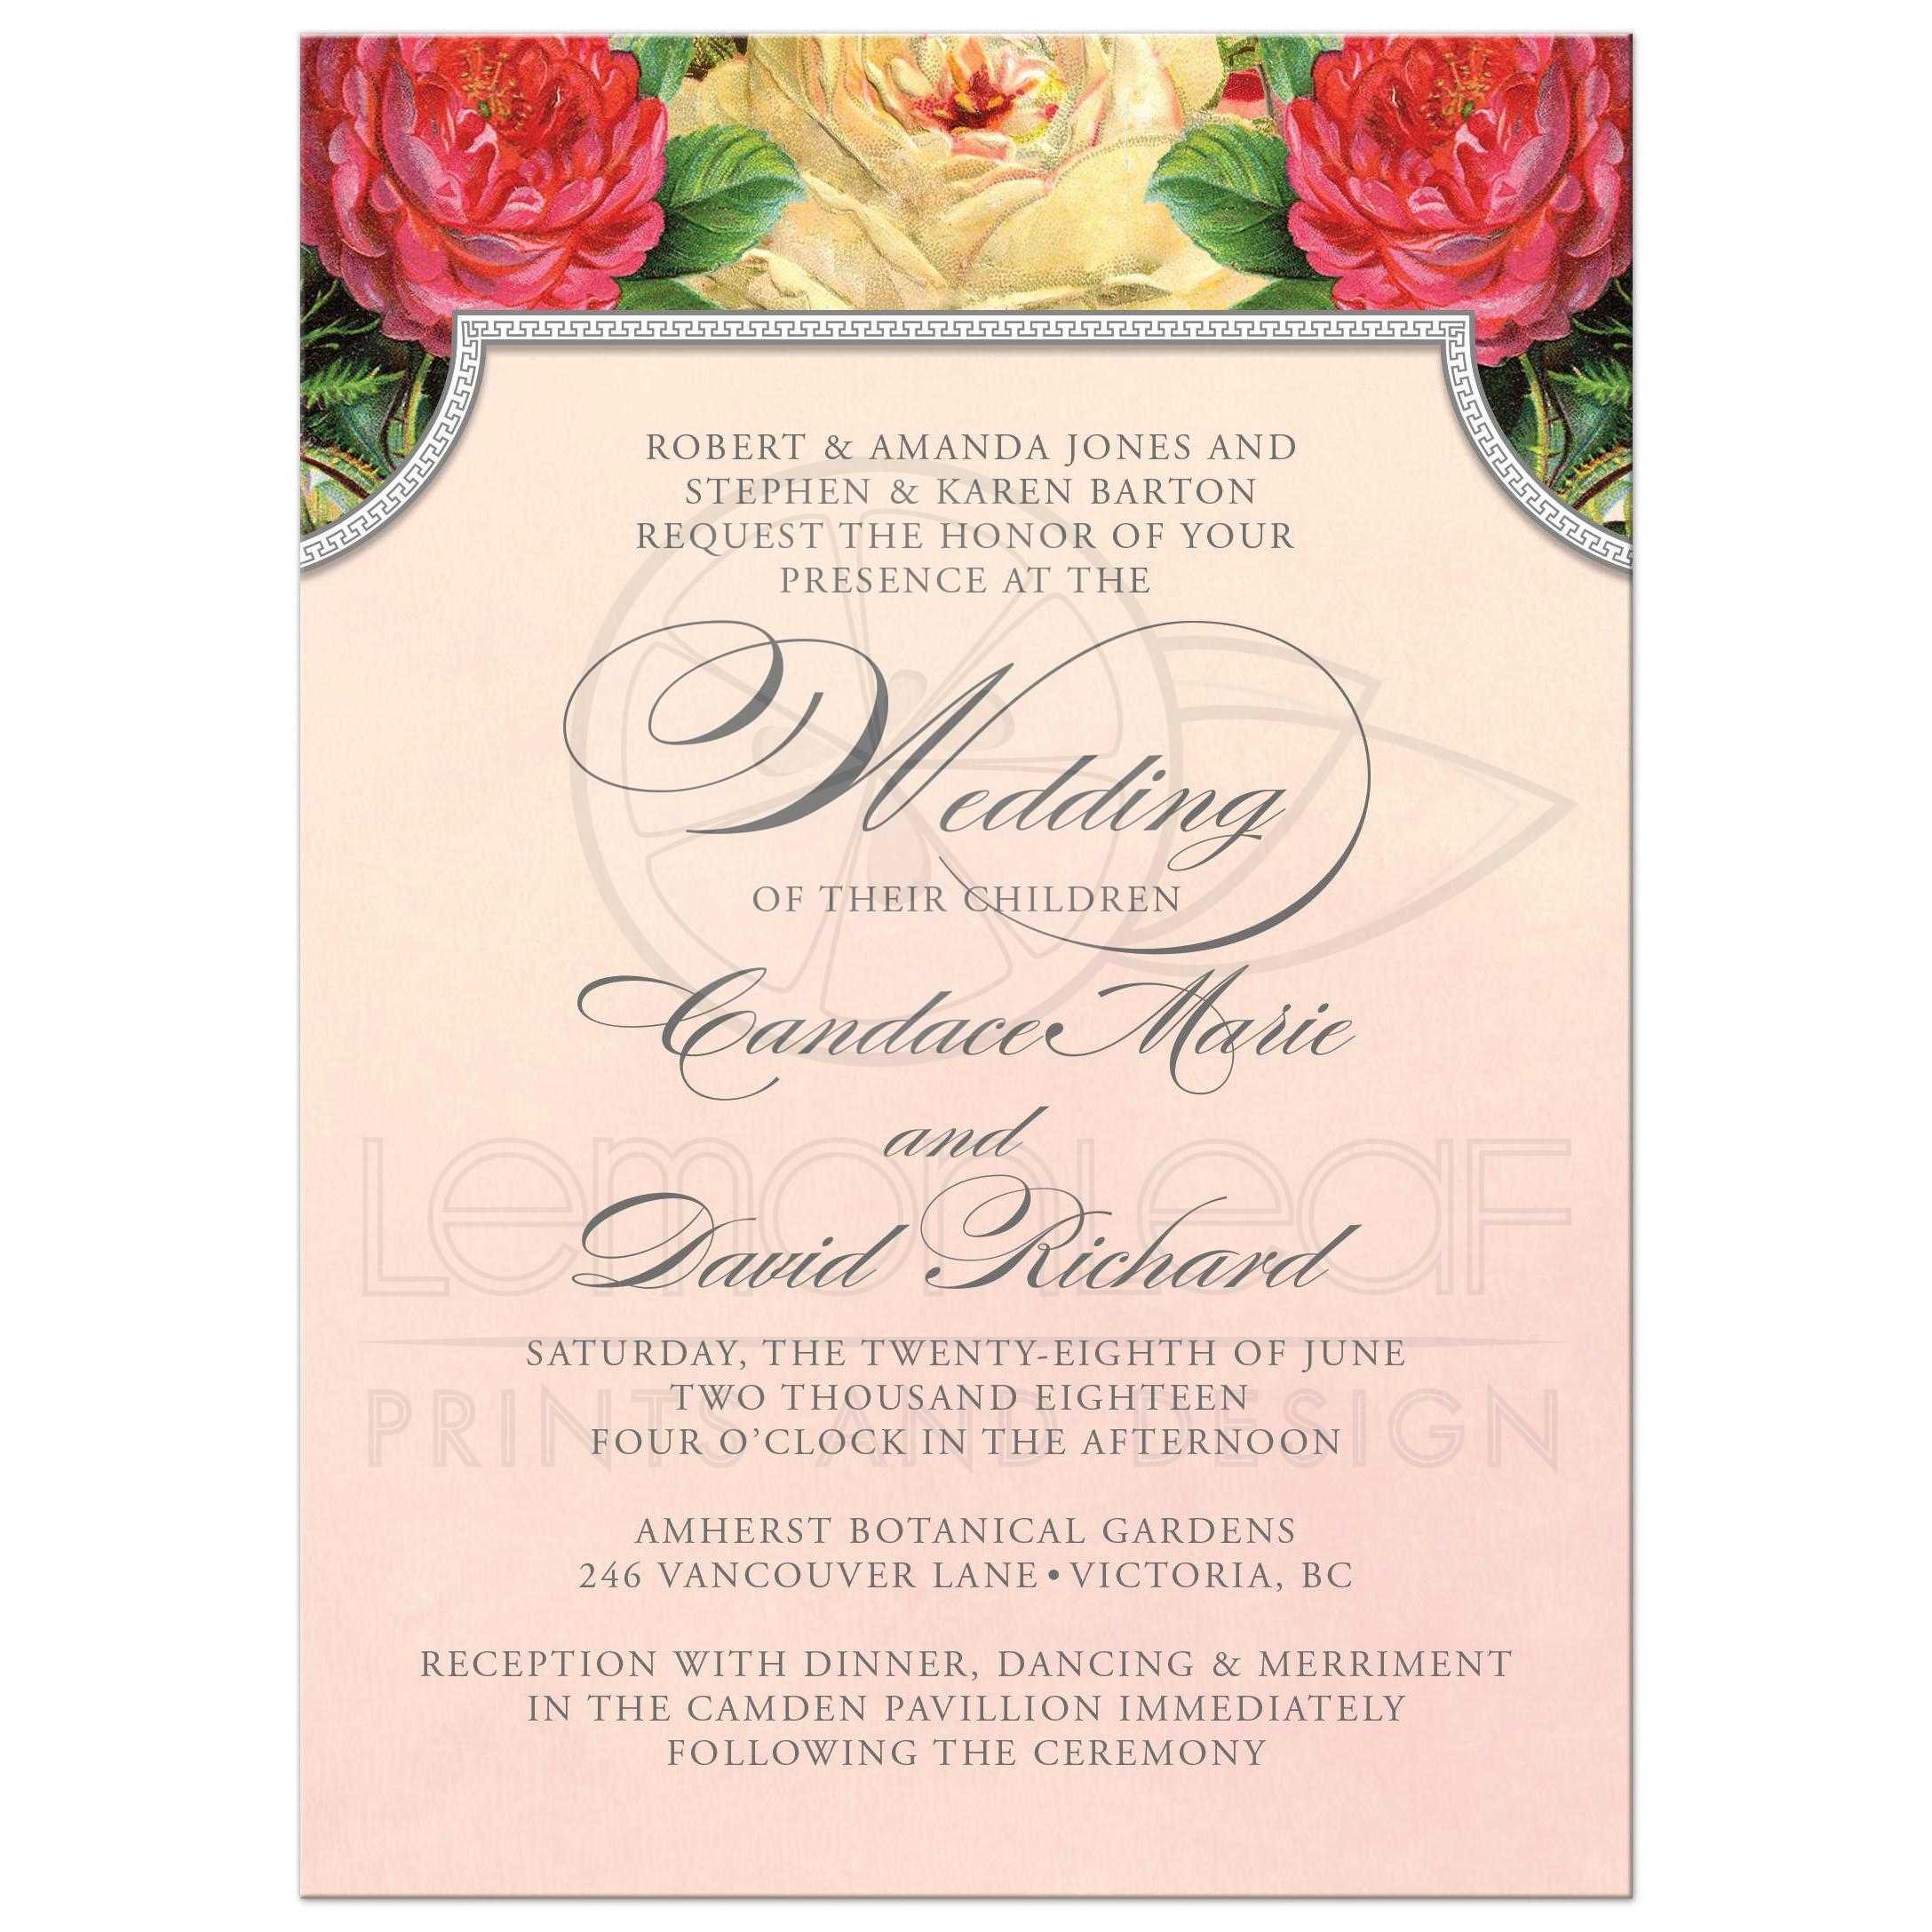 Wedding Invitations - Vintage Roses